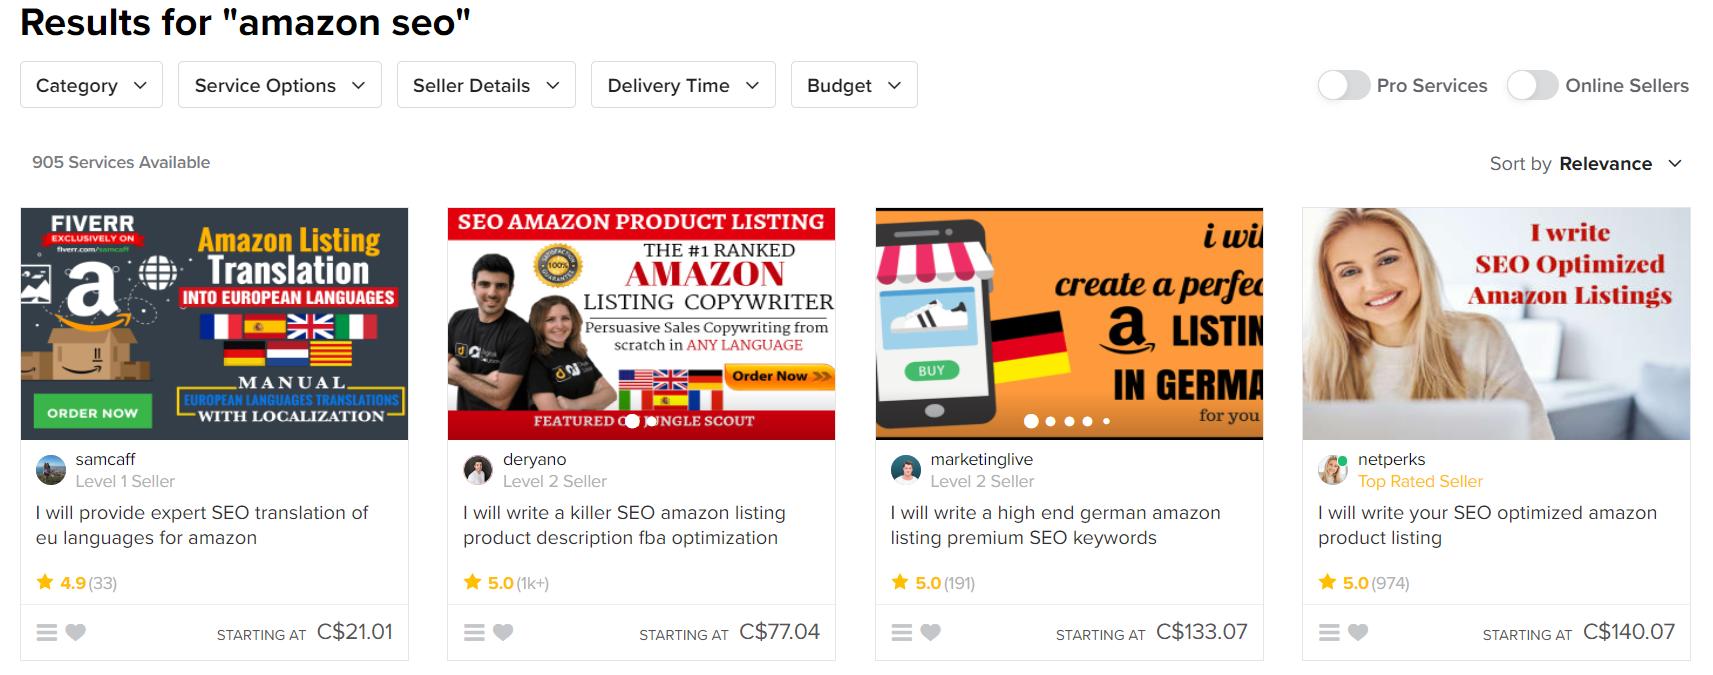 Fiverr-Amazon-services